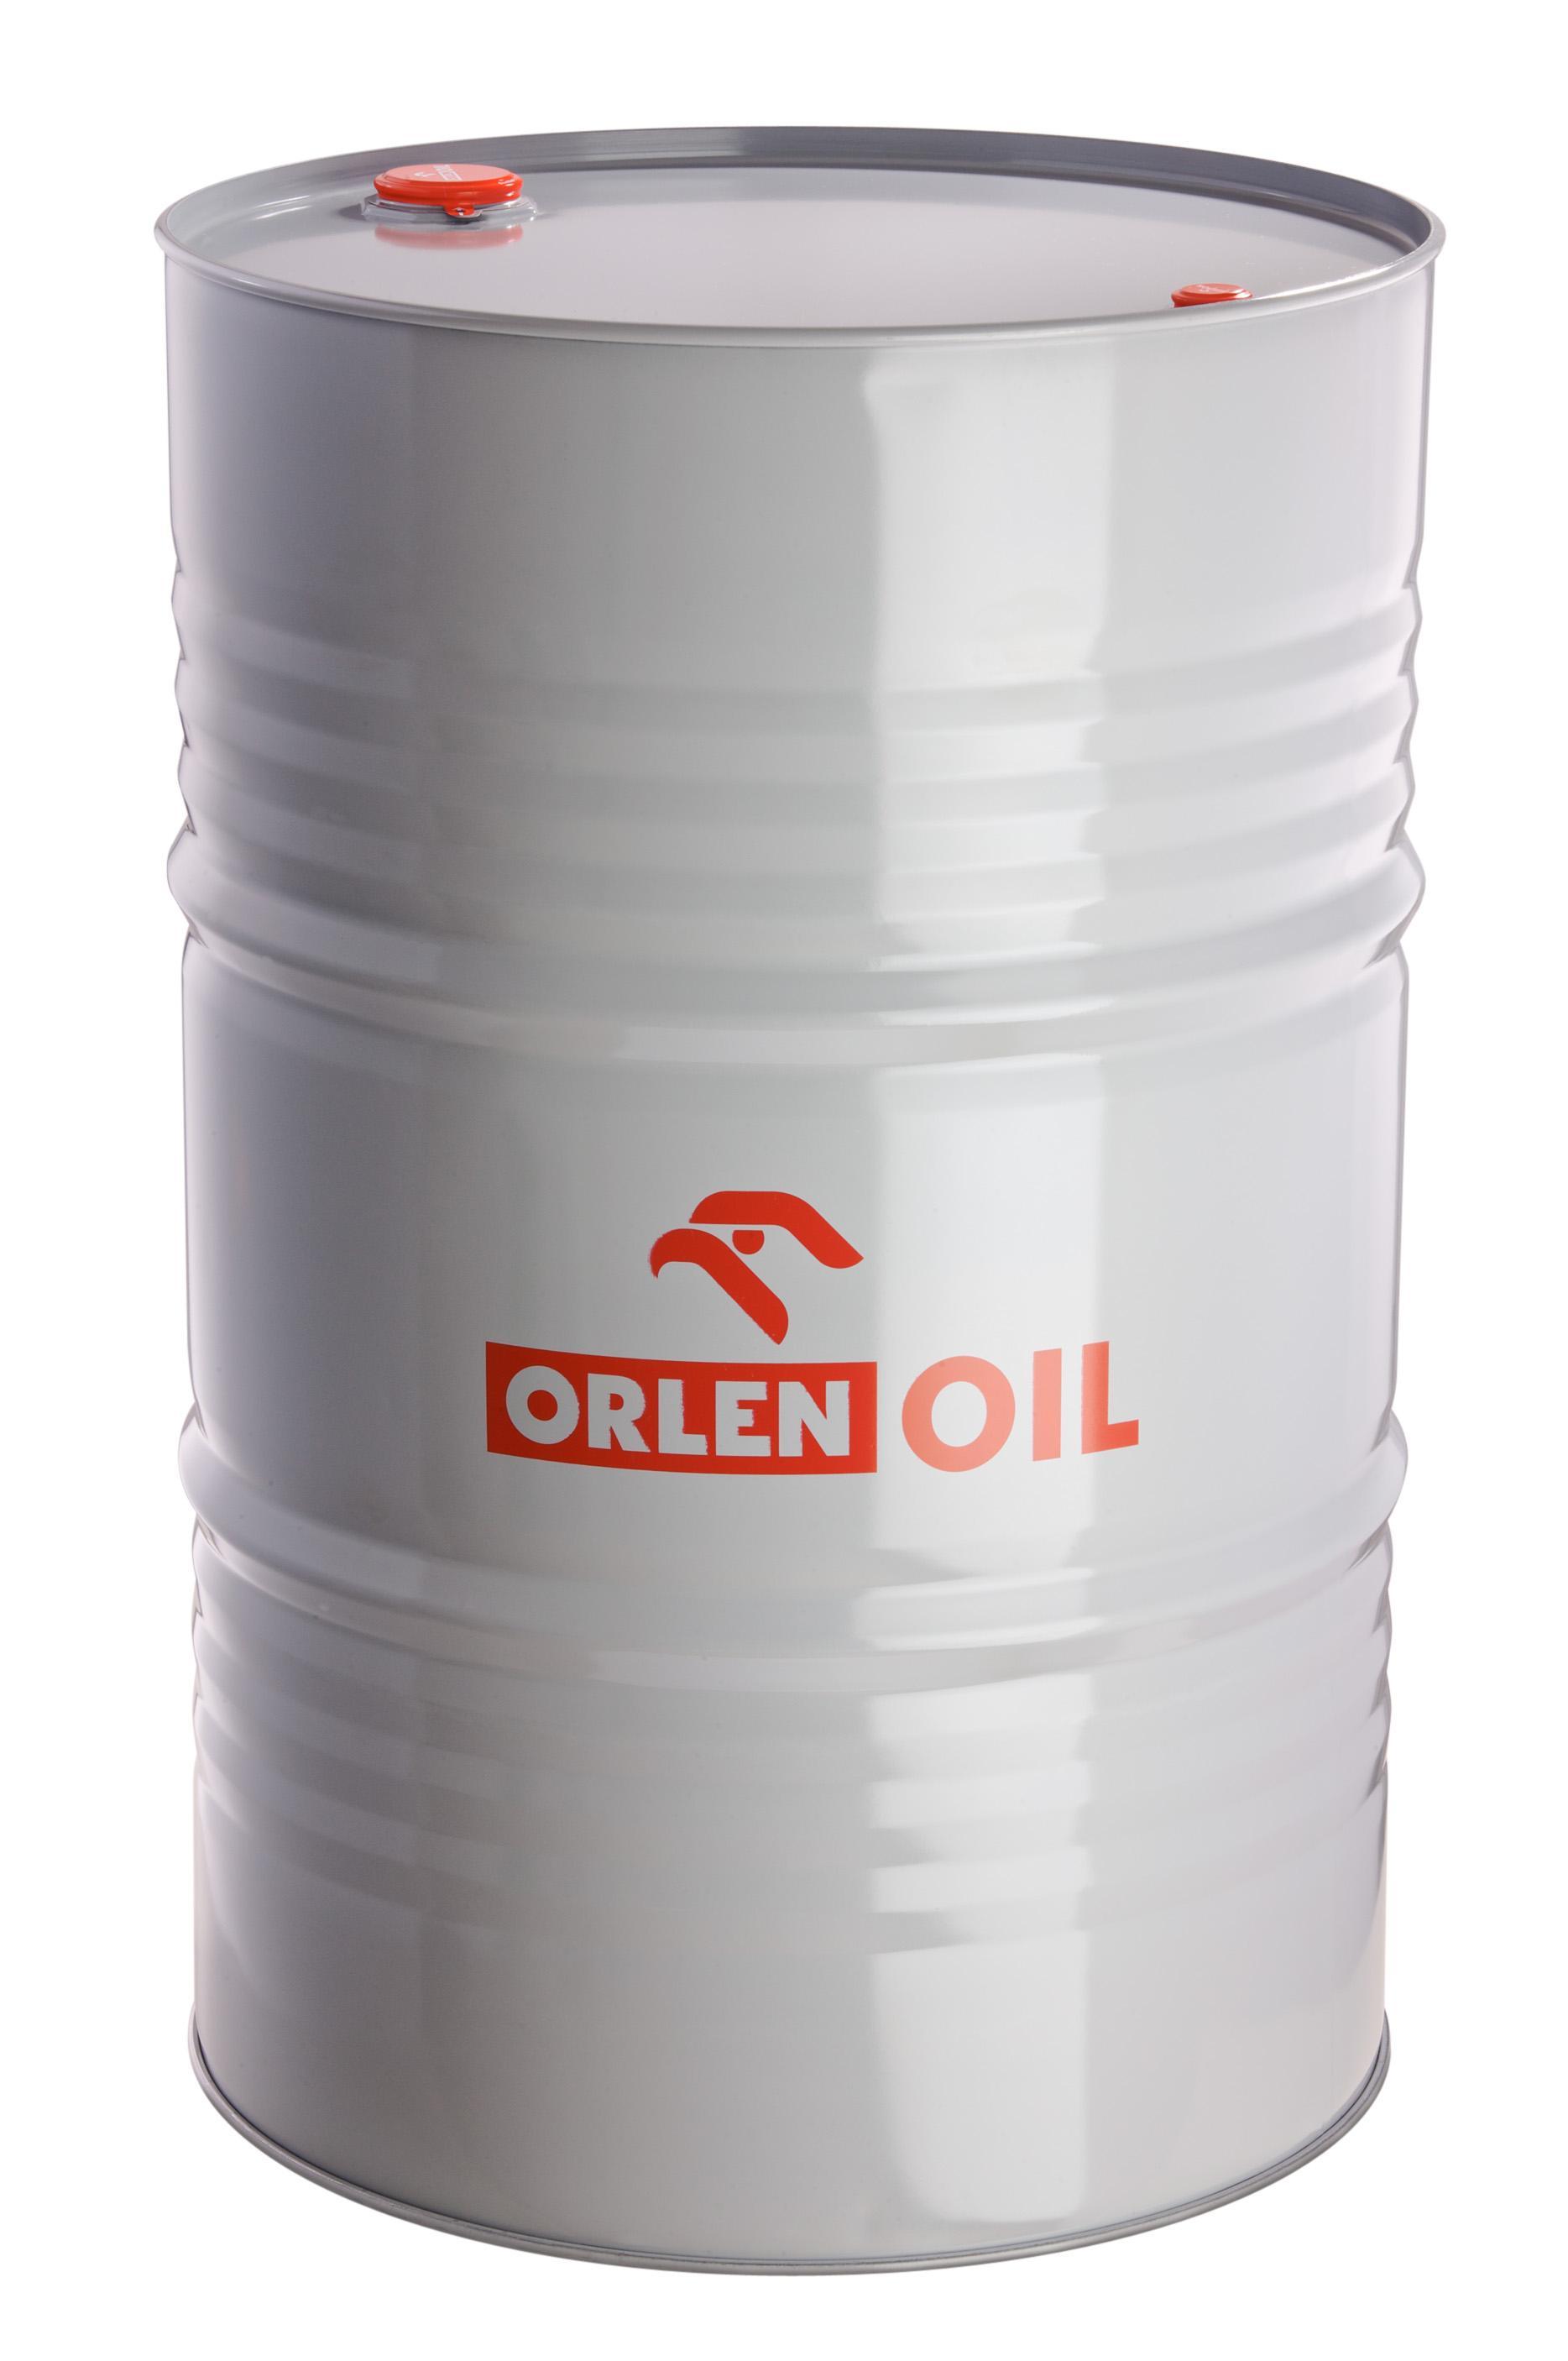 ORLEN OIL LITEN EPX-00   DRUMS 180KG